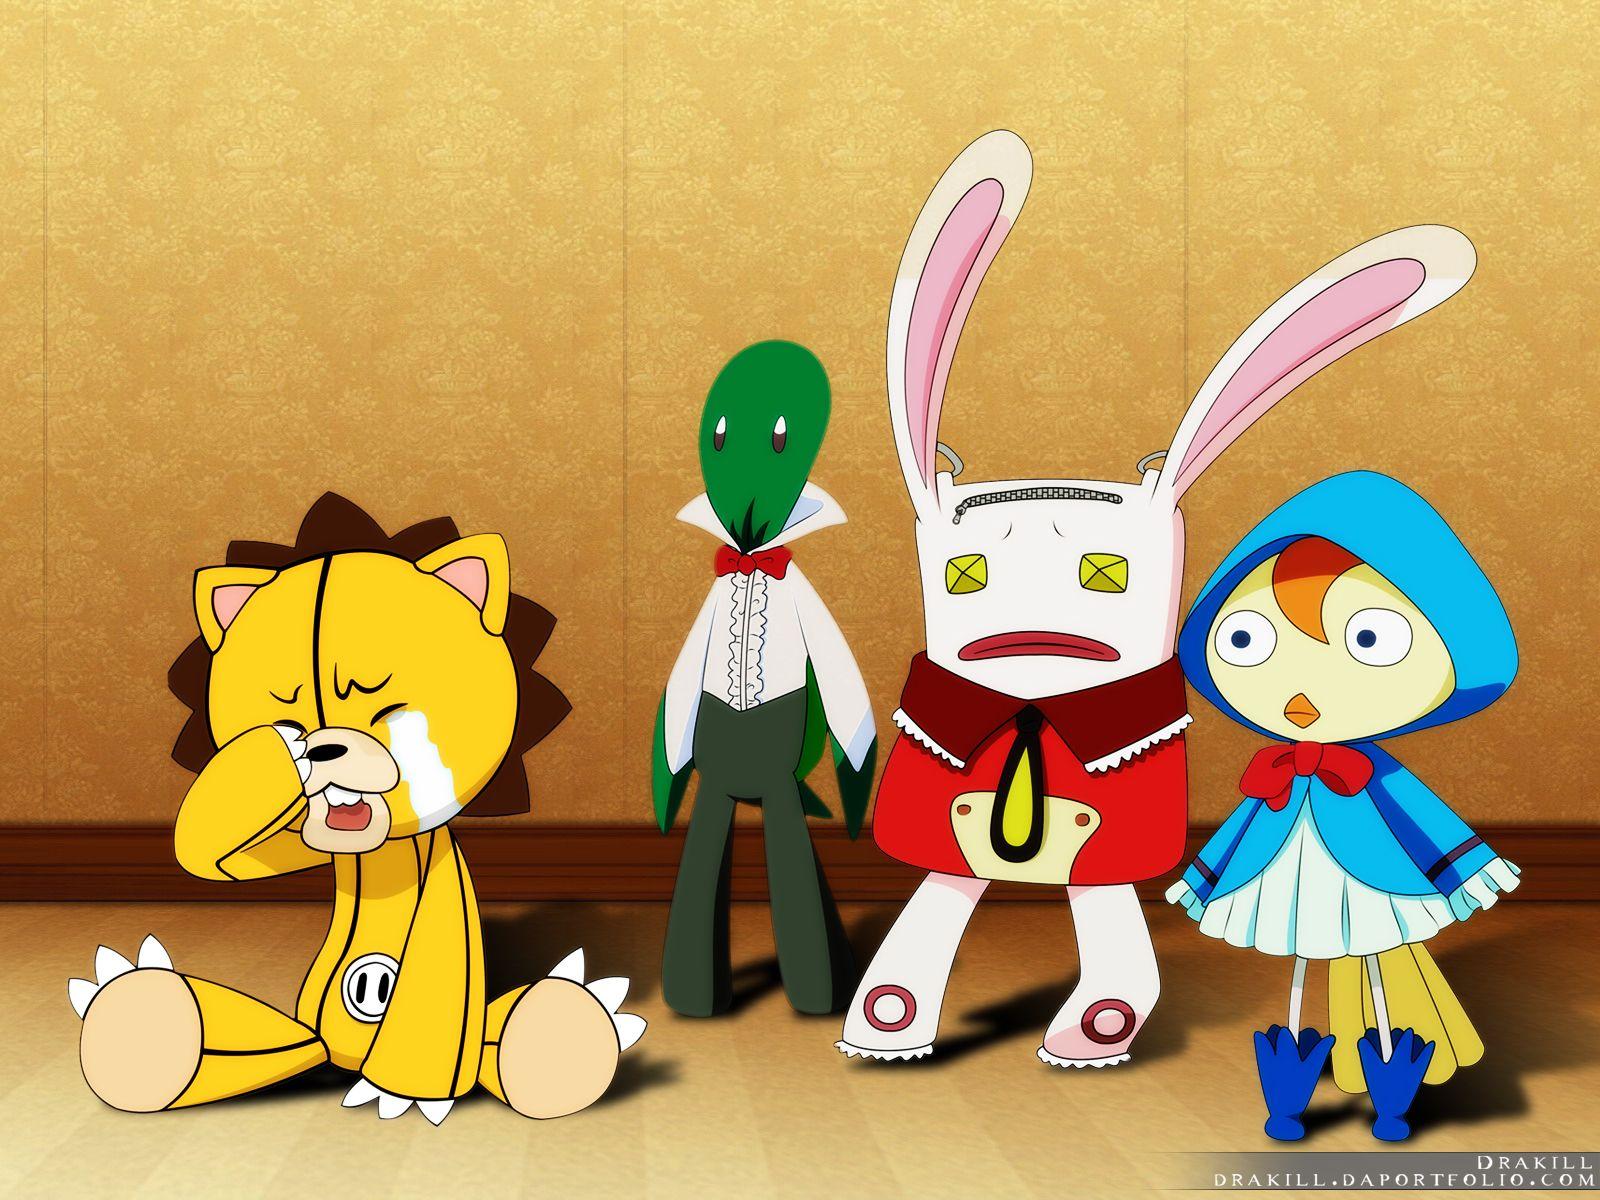 bleach kon Google Search Bleach anime, Bleach characters